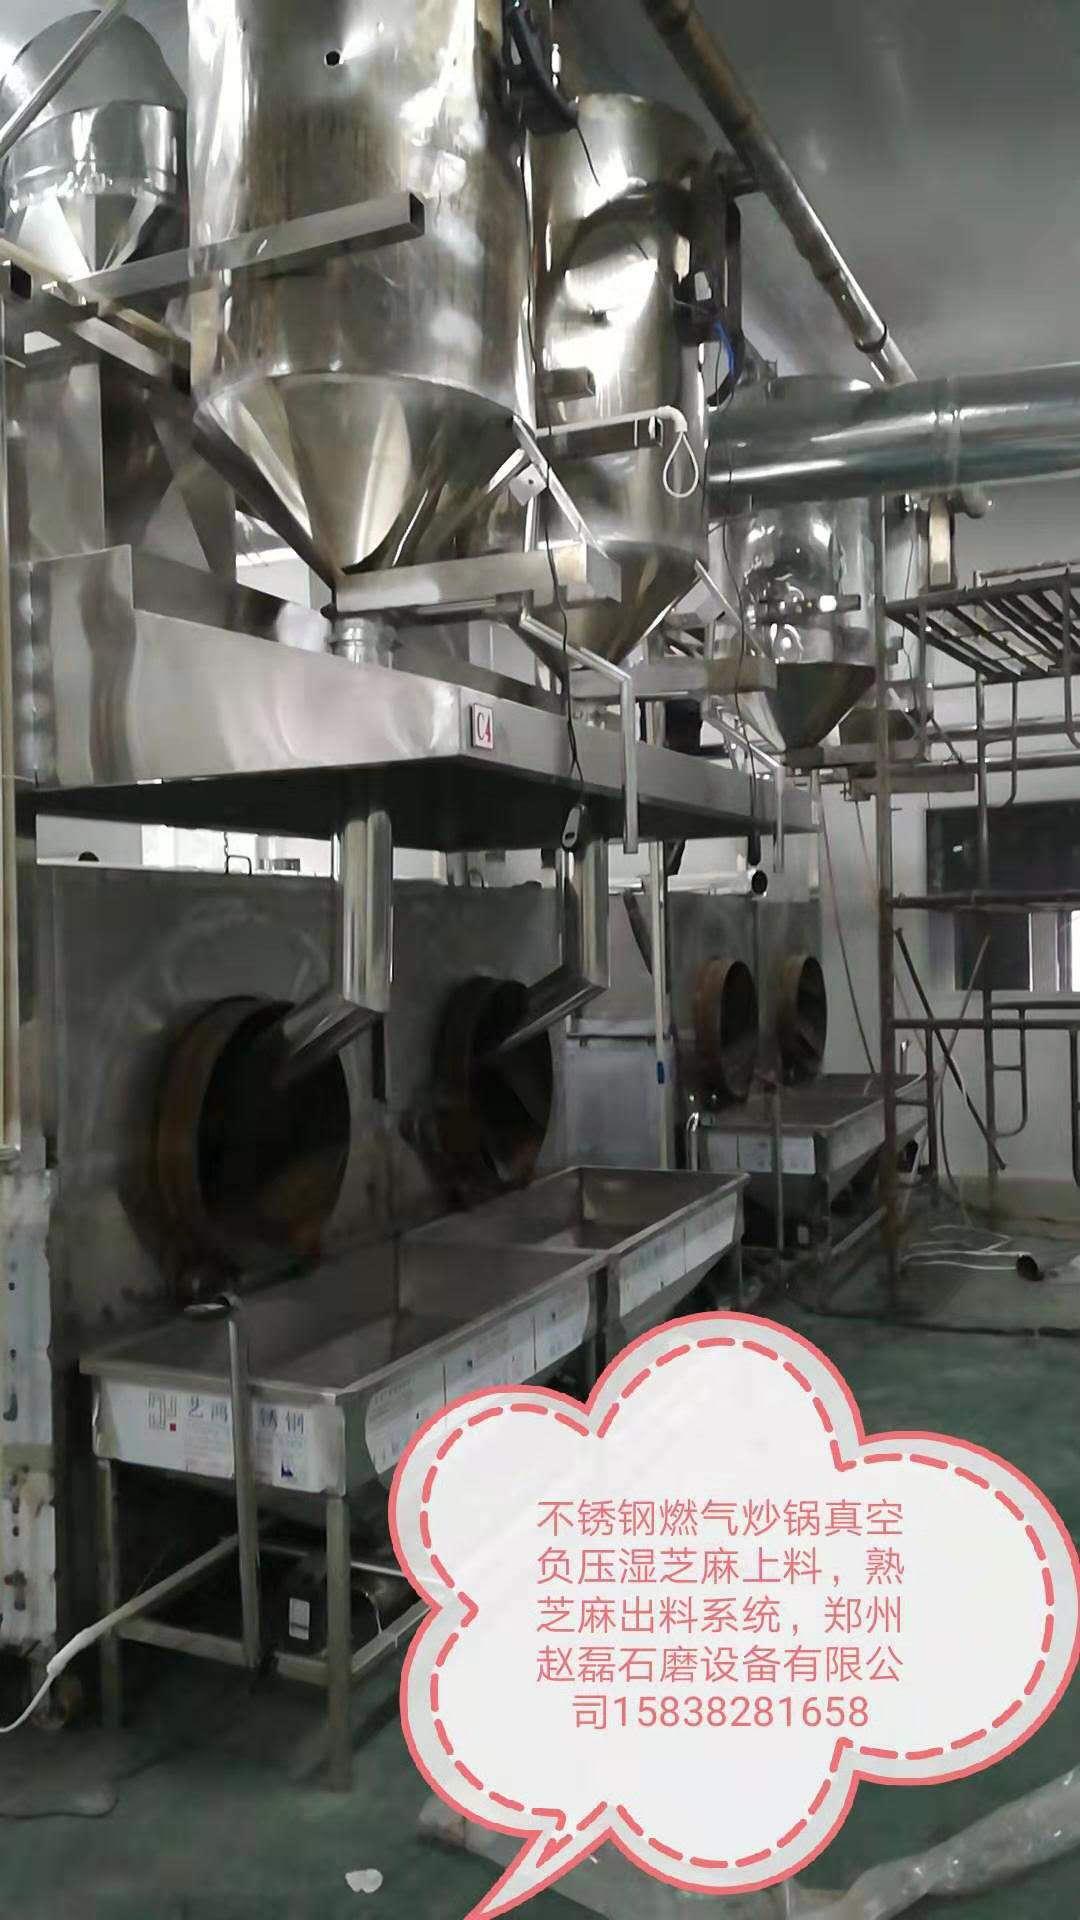 自动上料机油脂厂流水线设备-热荐高品质芝麻上料机质量可靠